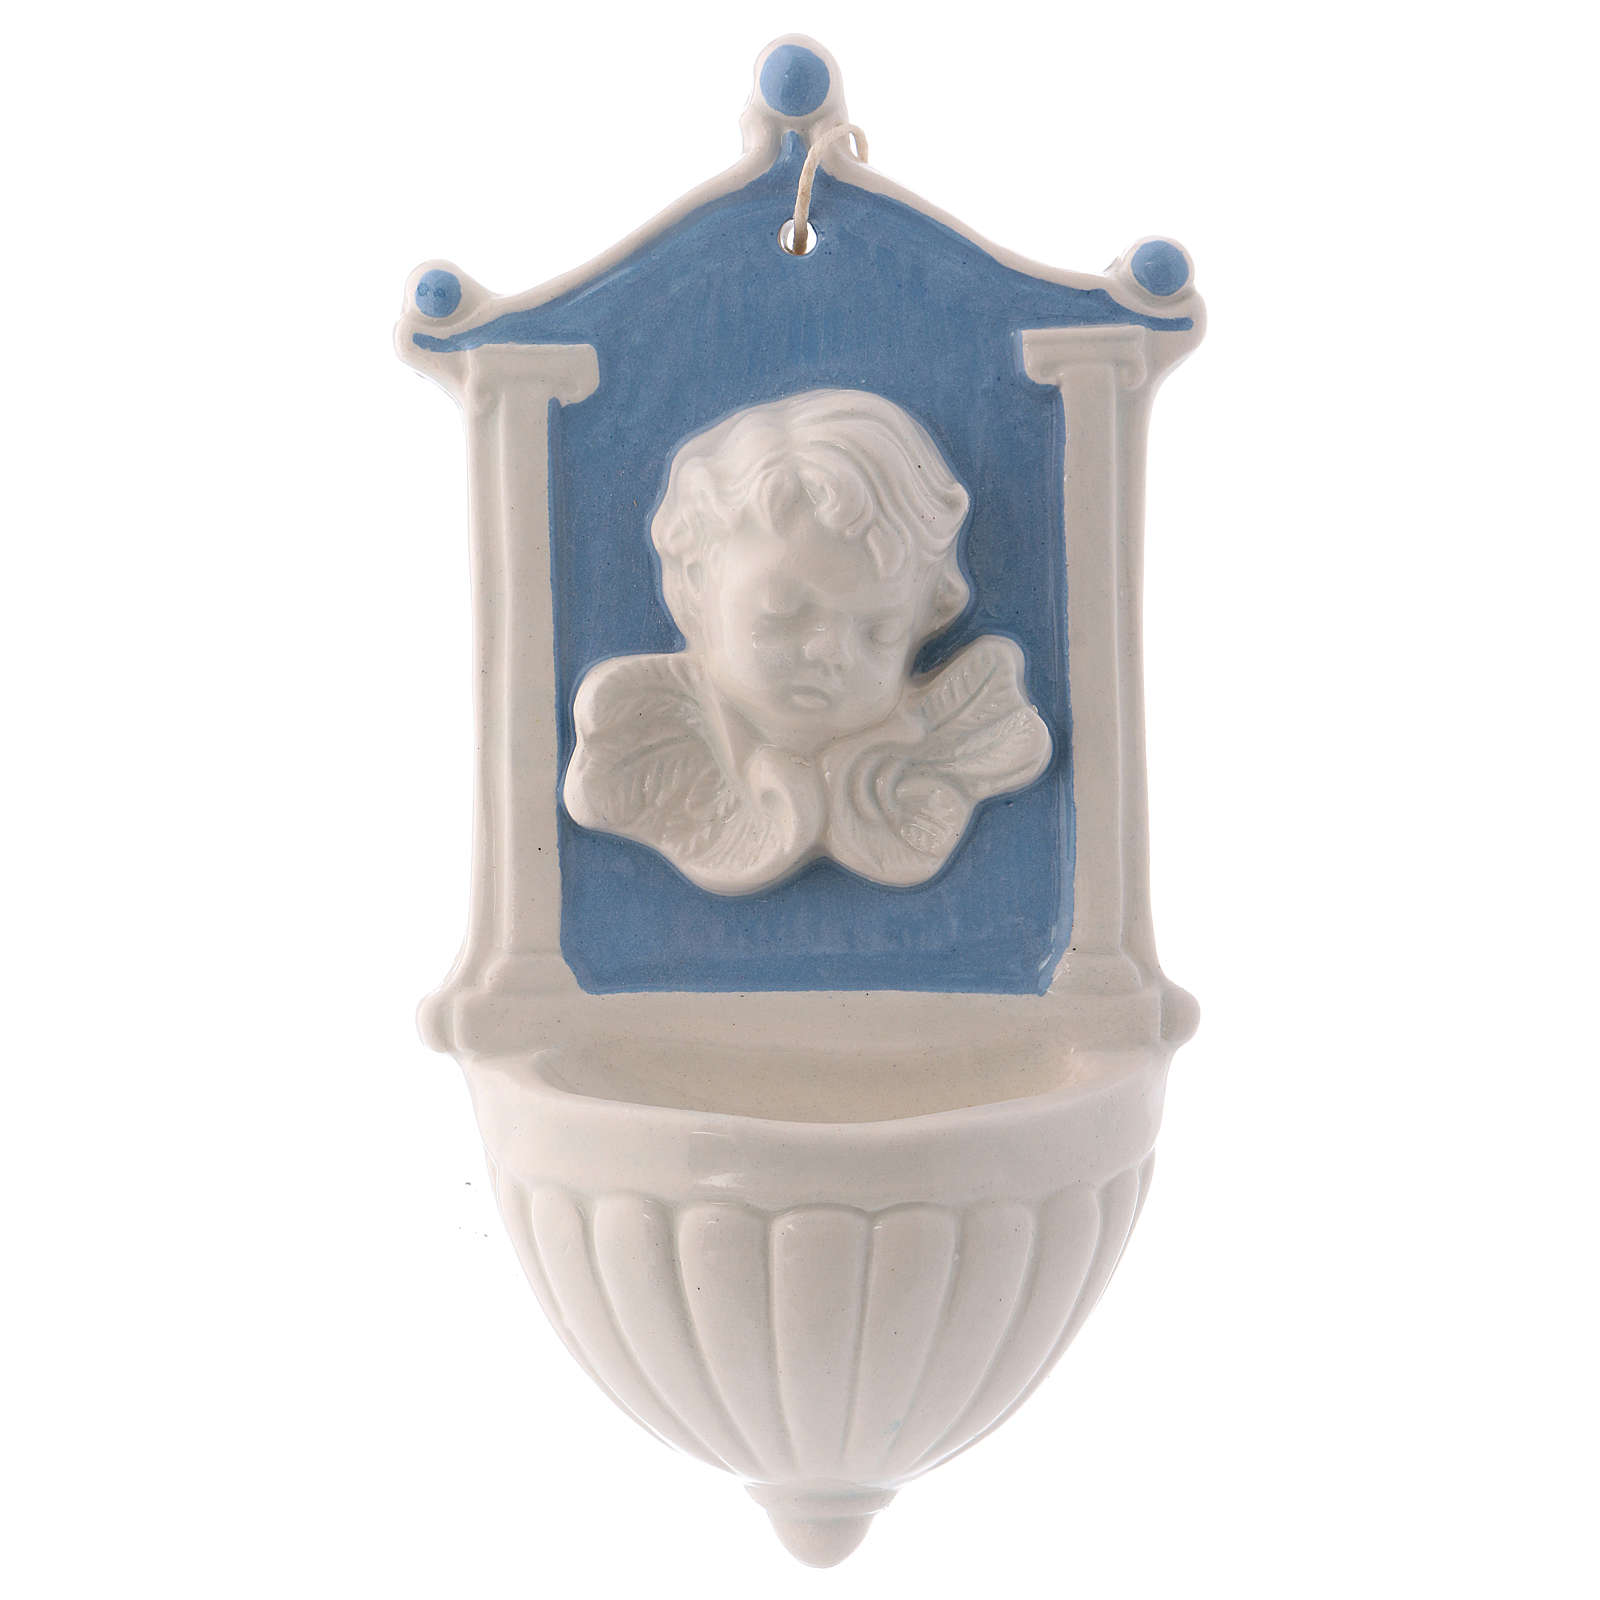 Bénitier ange fond bleu colonnes latérales 15x10x5 cm céramique Deruta 4